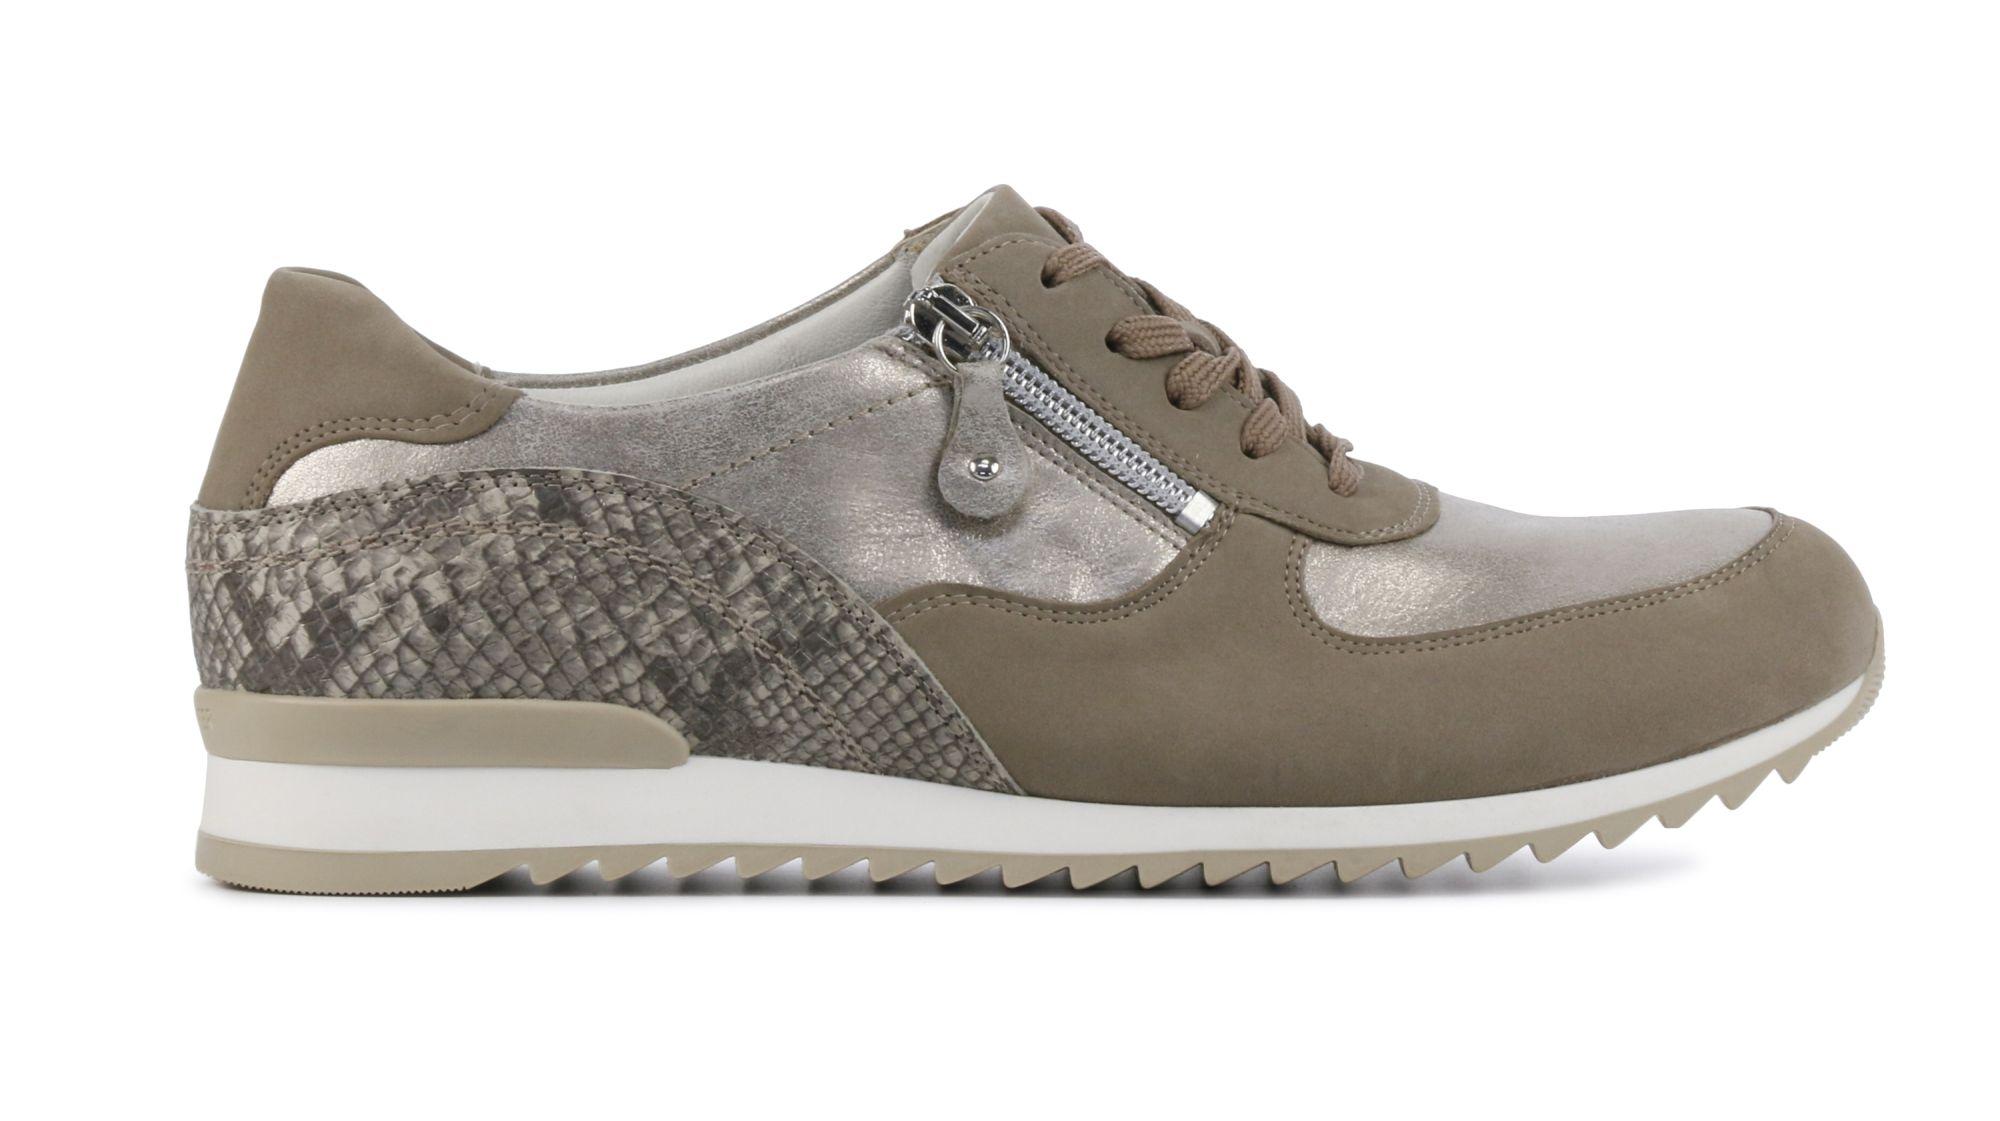 Waldlaufer Dames SneakersSneakers